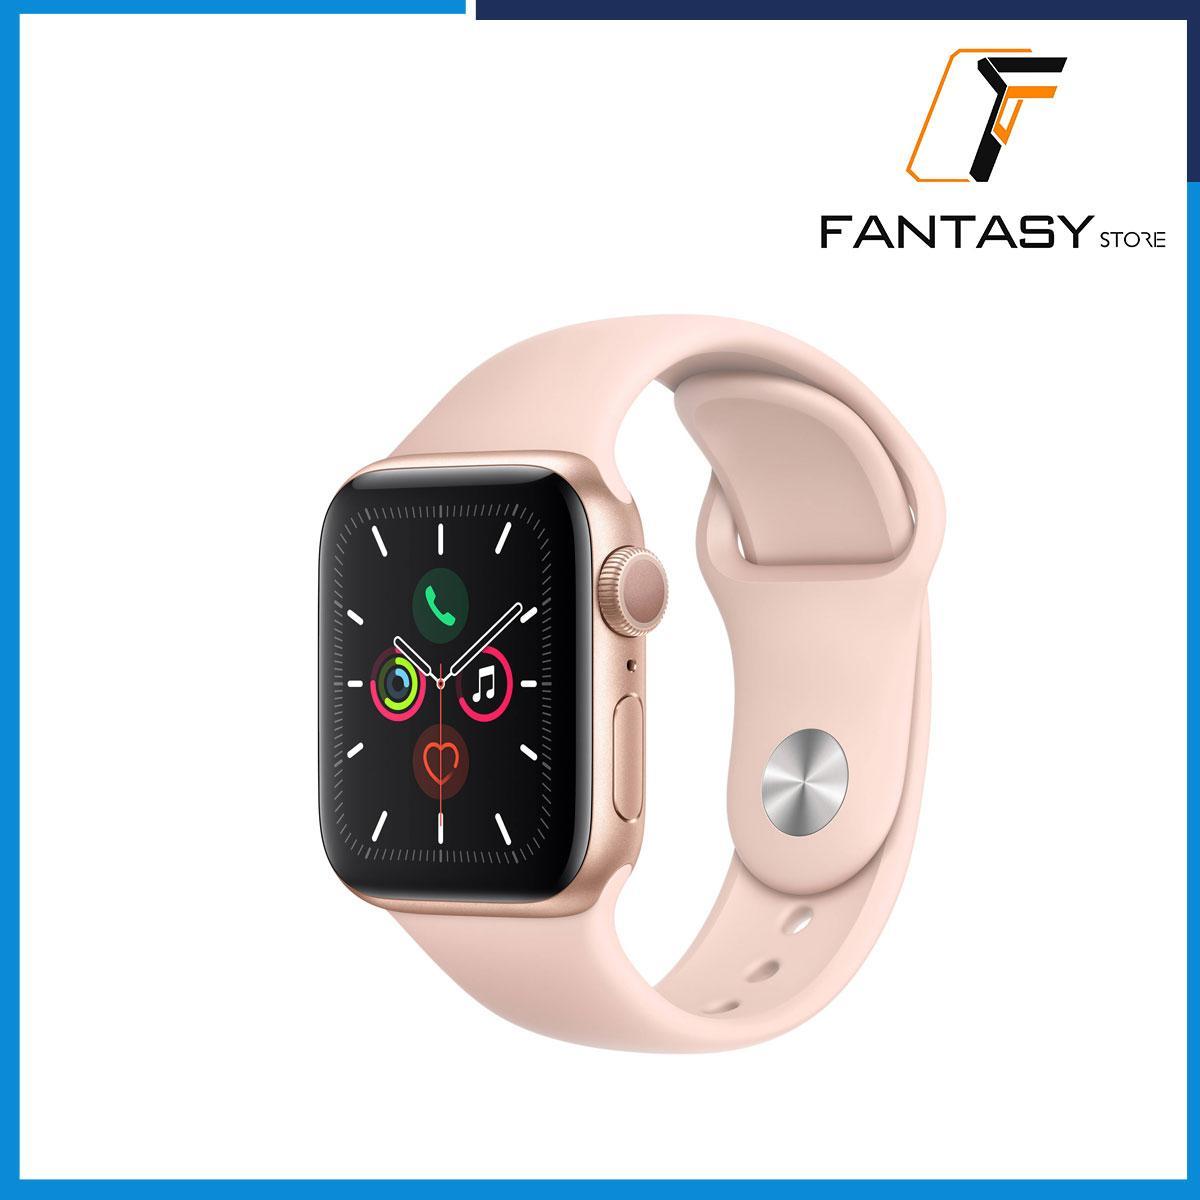 Đồng Hồ Thông Minh Apple Watch Series 5 GPS Only, Aluminum - Sport Band - Hàng Nhập Khẩu - Bảo Hành 12 Tháng Giảm Giá Khủng